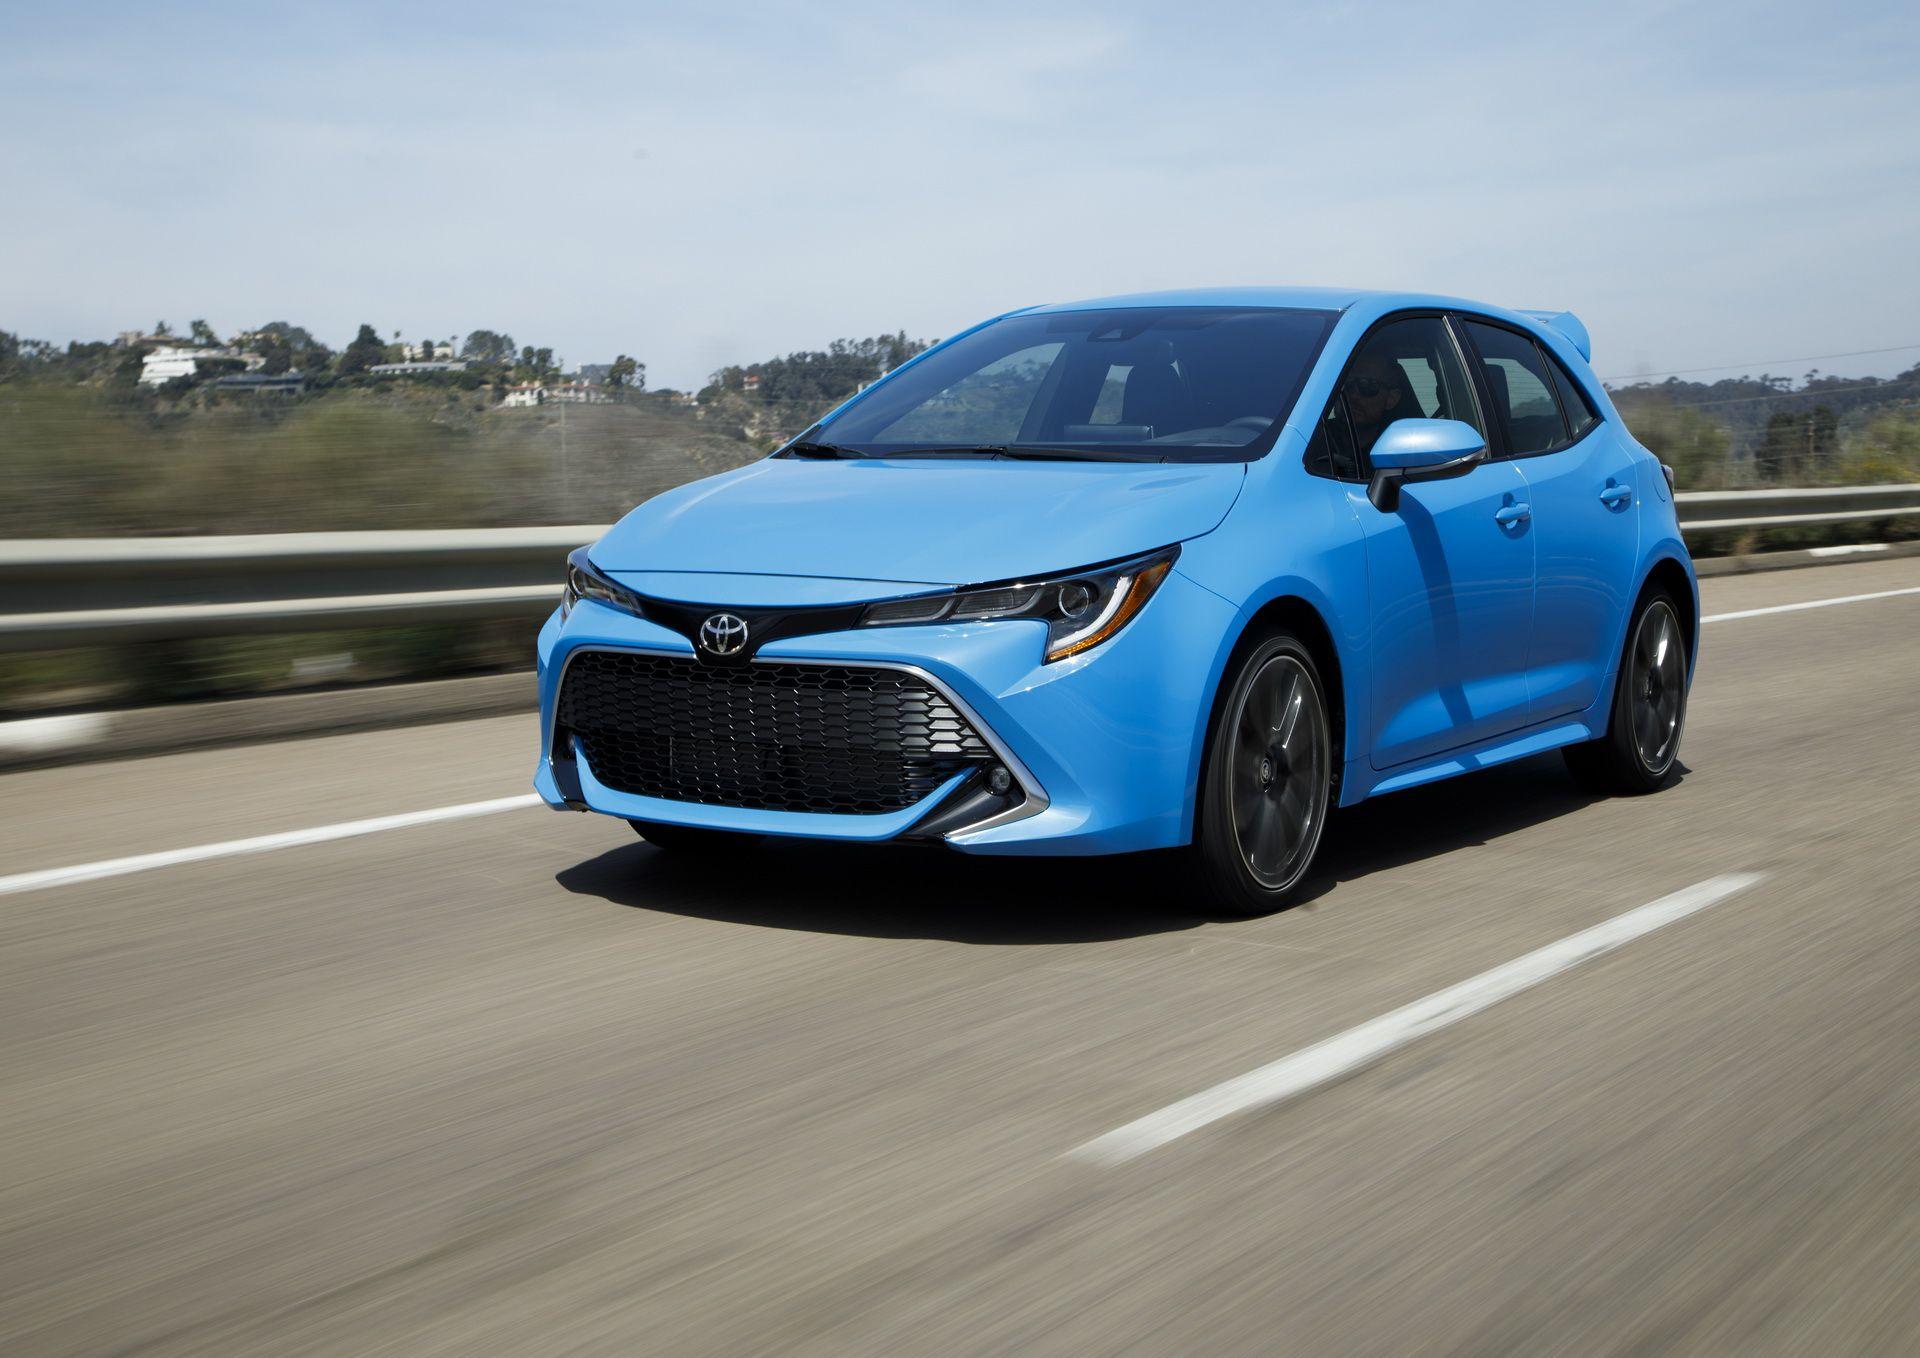 Photo of Yeni Auris böyle mi olacak? 2019 Corolla hatchback ABD'de tanıtıldı